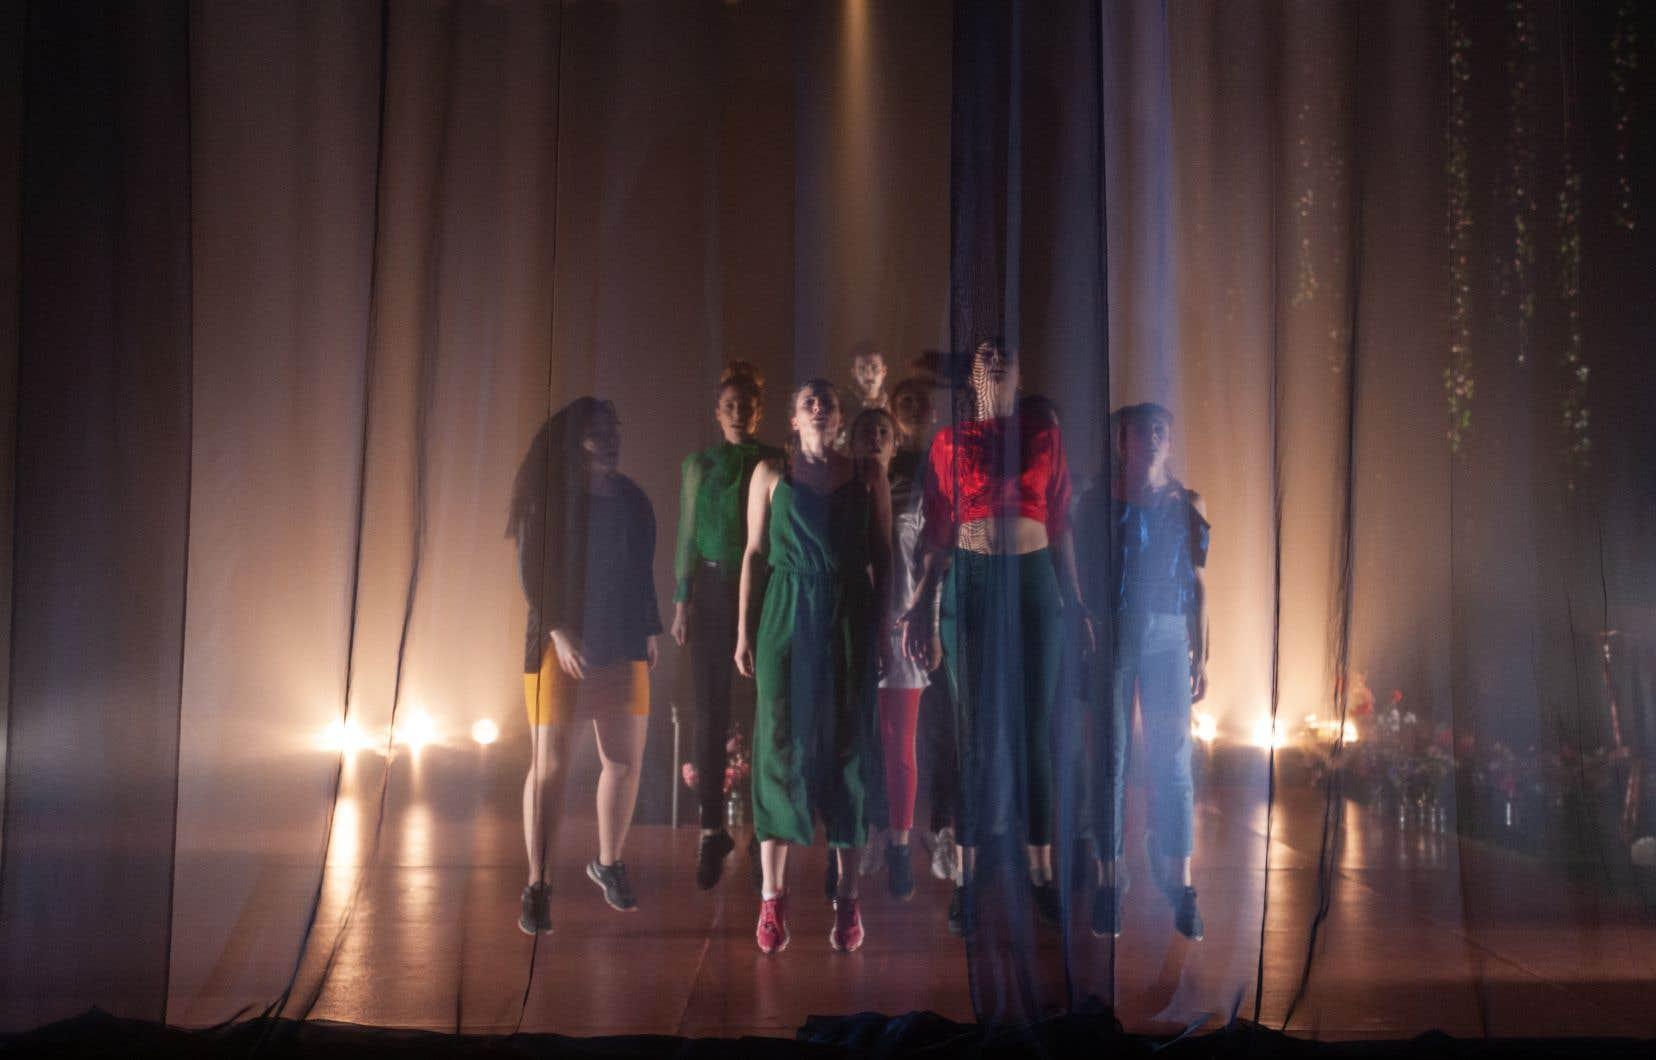 Le metteur en scène Patrick R. Lacharitédonne naissance à «Nous serons éternels», une pièce pour 14 interprètes vaguement inspirée par les sonnets de Shakespeare.